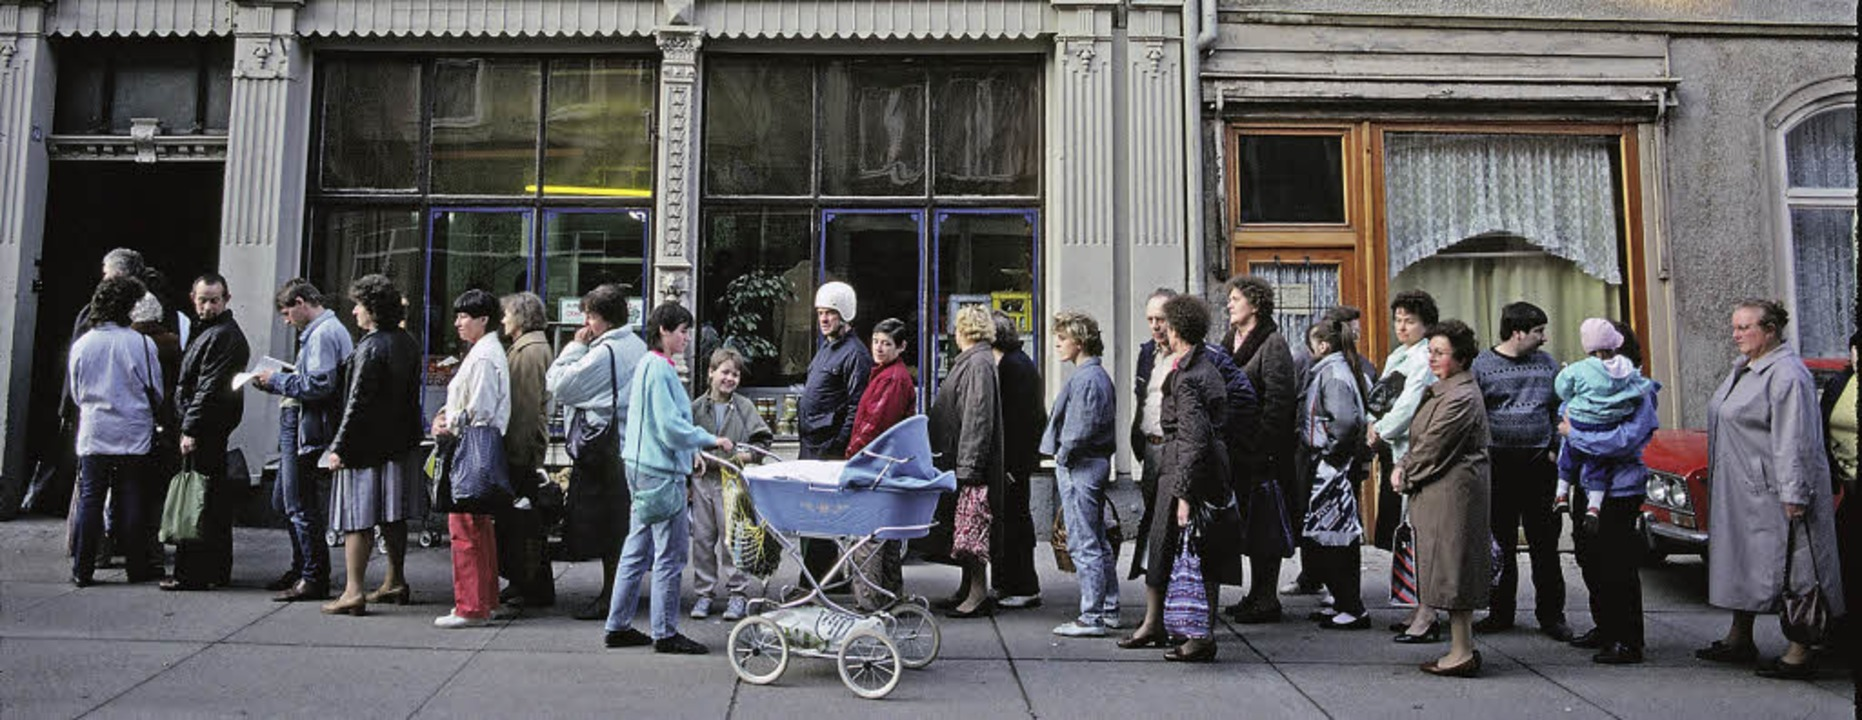 Mit der Einführung der Marktwirtschaft...wunden: lange Schlangen vor den Läden     Foto: HAUN